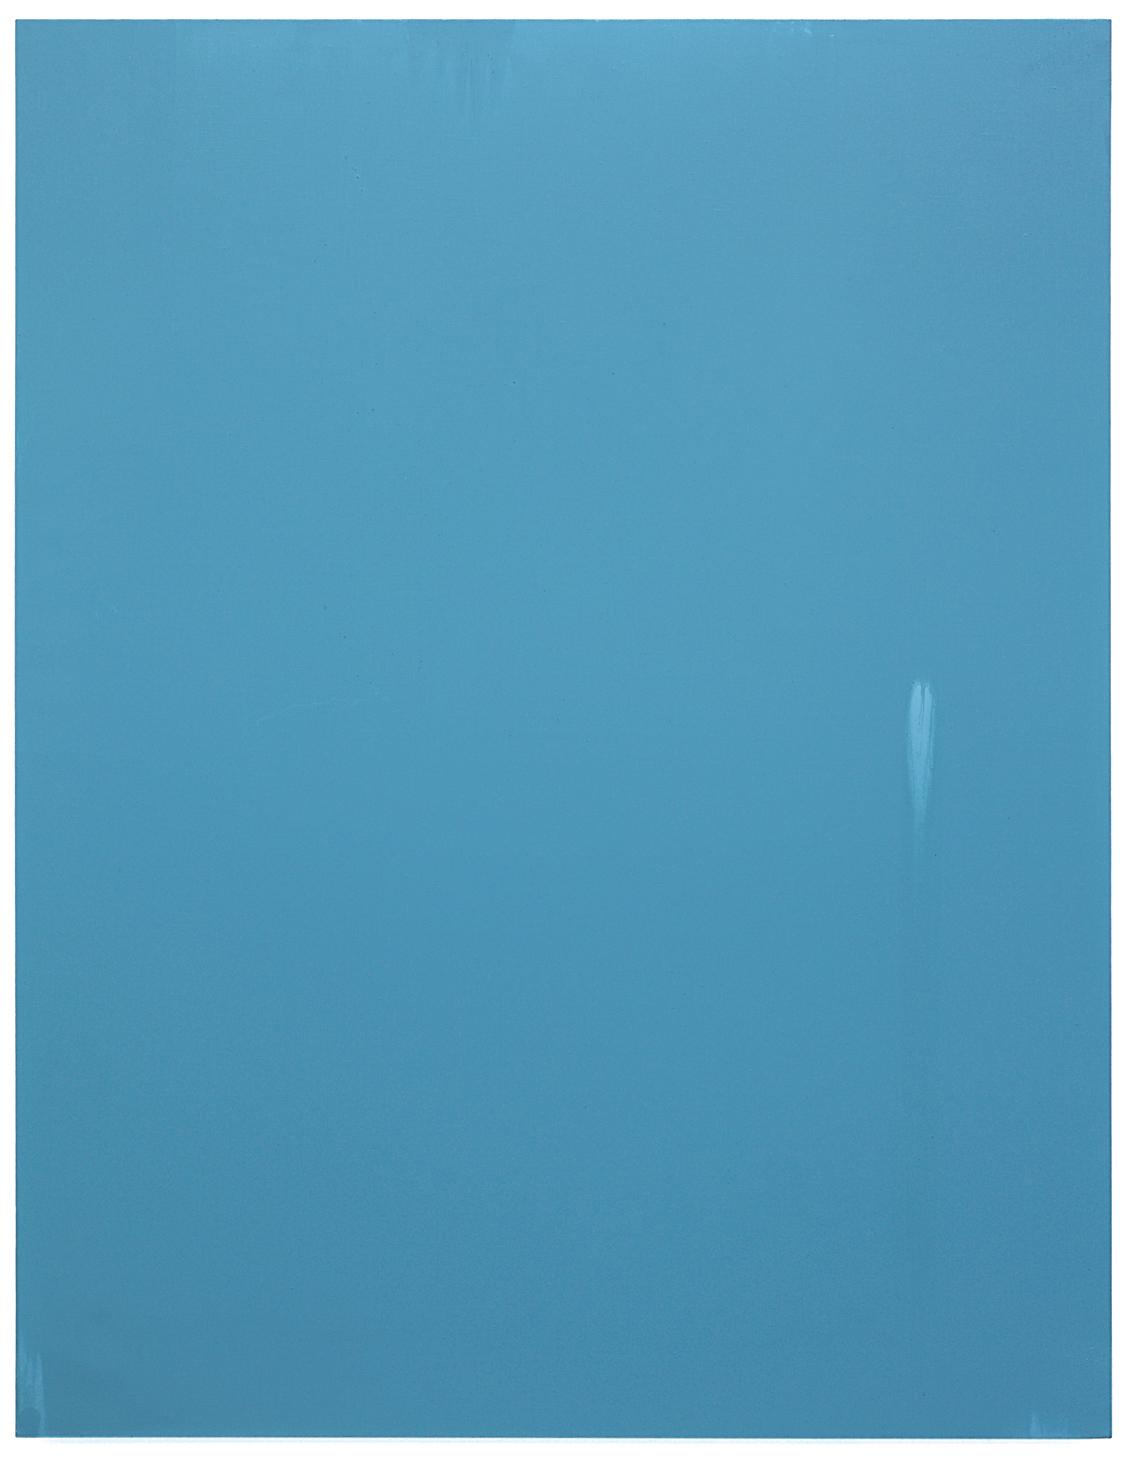 Luke HENG Blue on White 2015 Oil on linen H150 x W115 xD5 cm